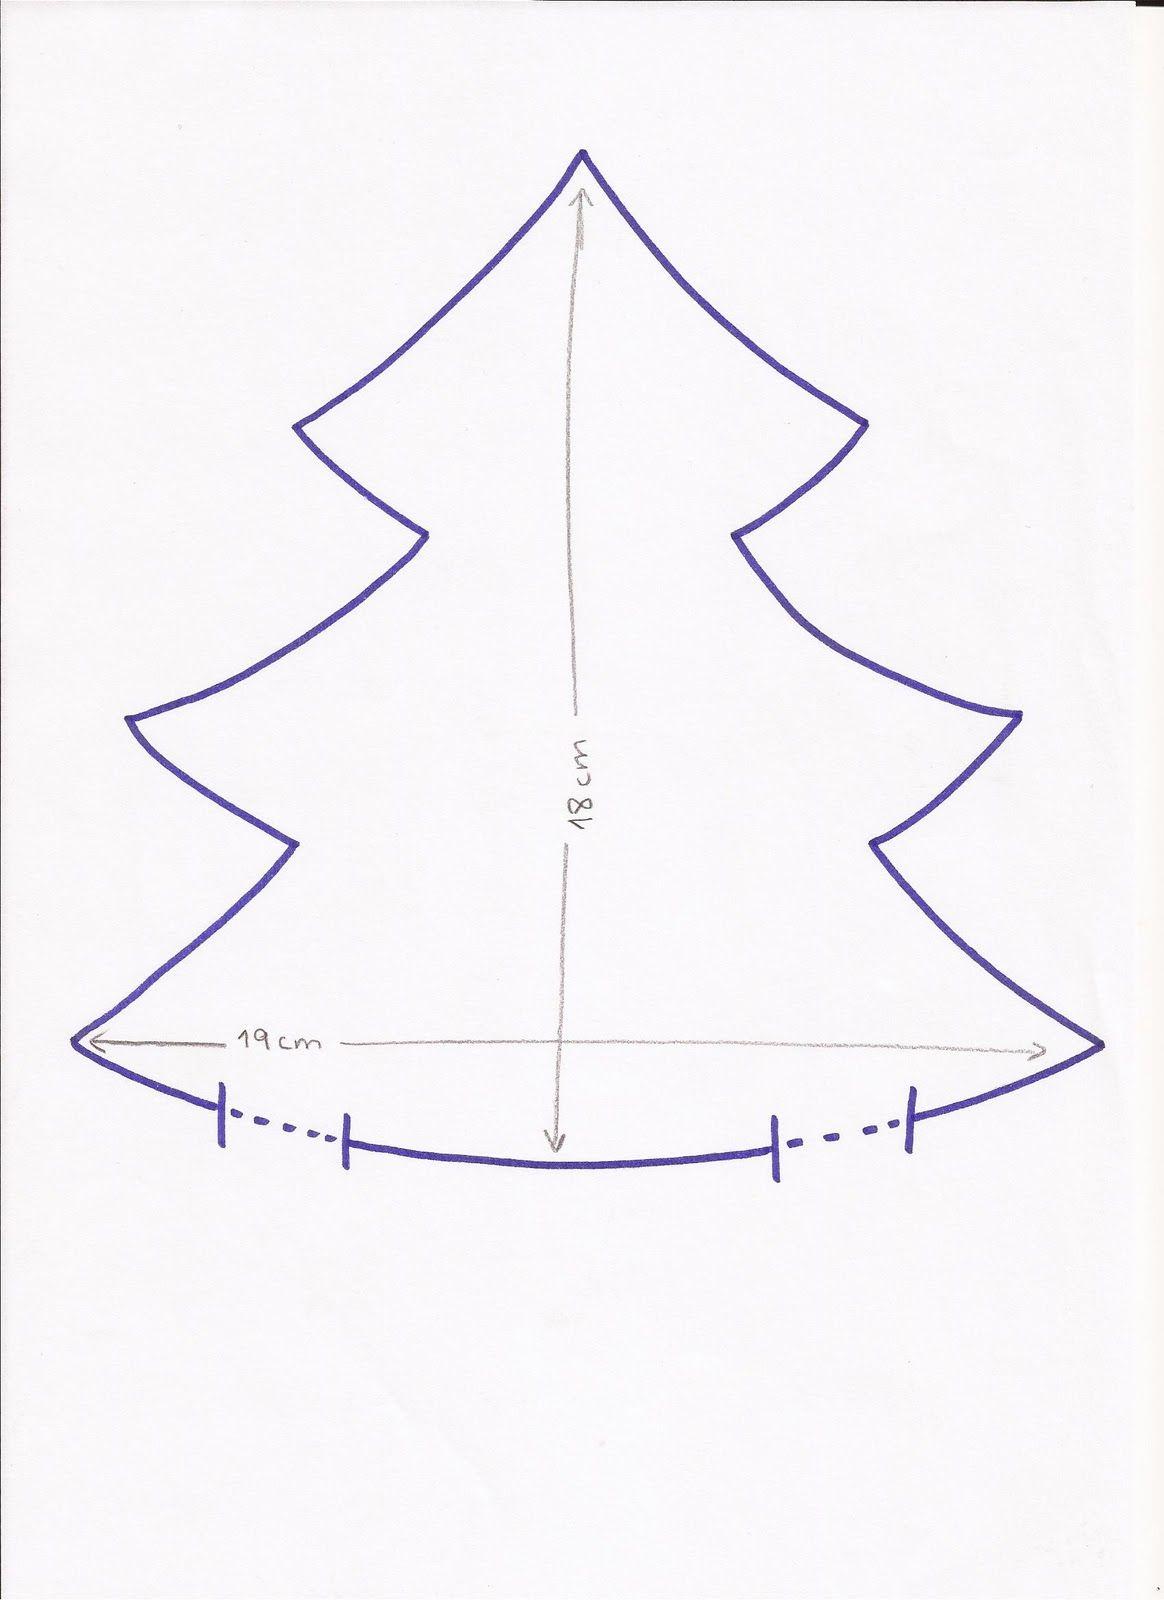 Pin de Arzu Orman en yılbaşı | Pinterest | En casa, Navidad y Hola